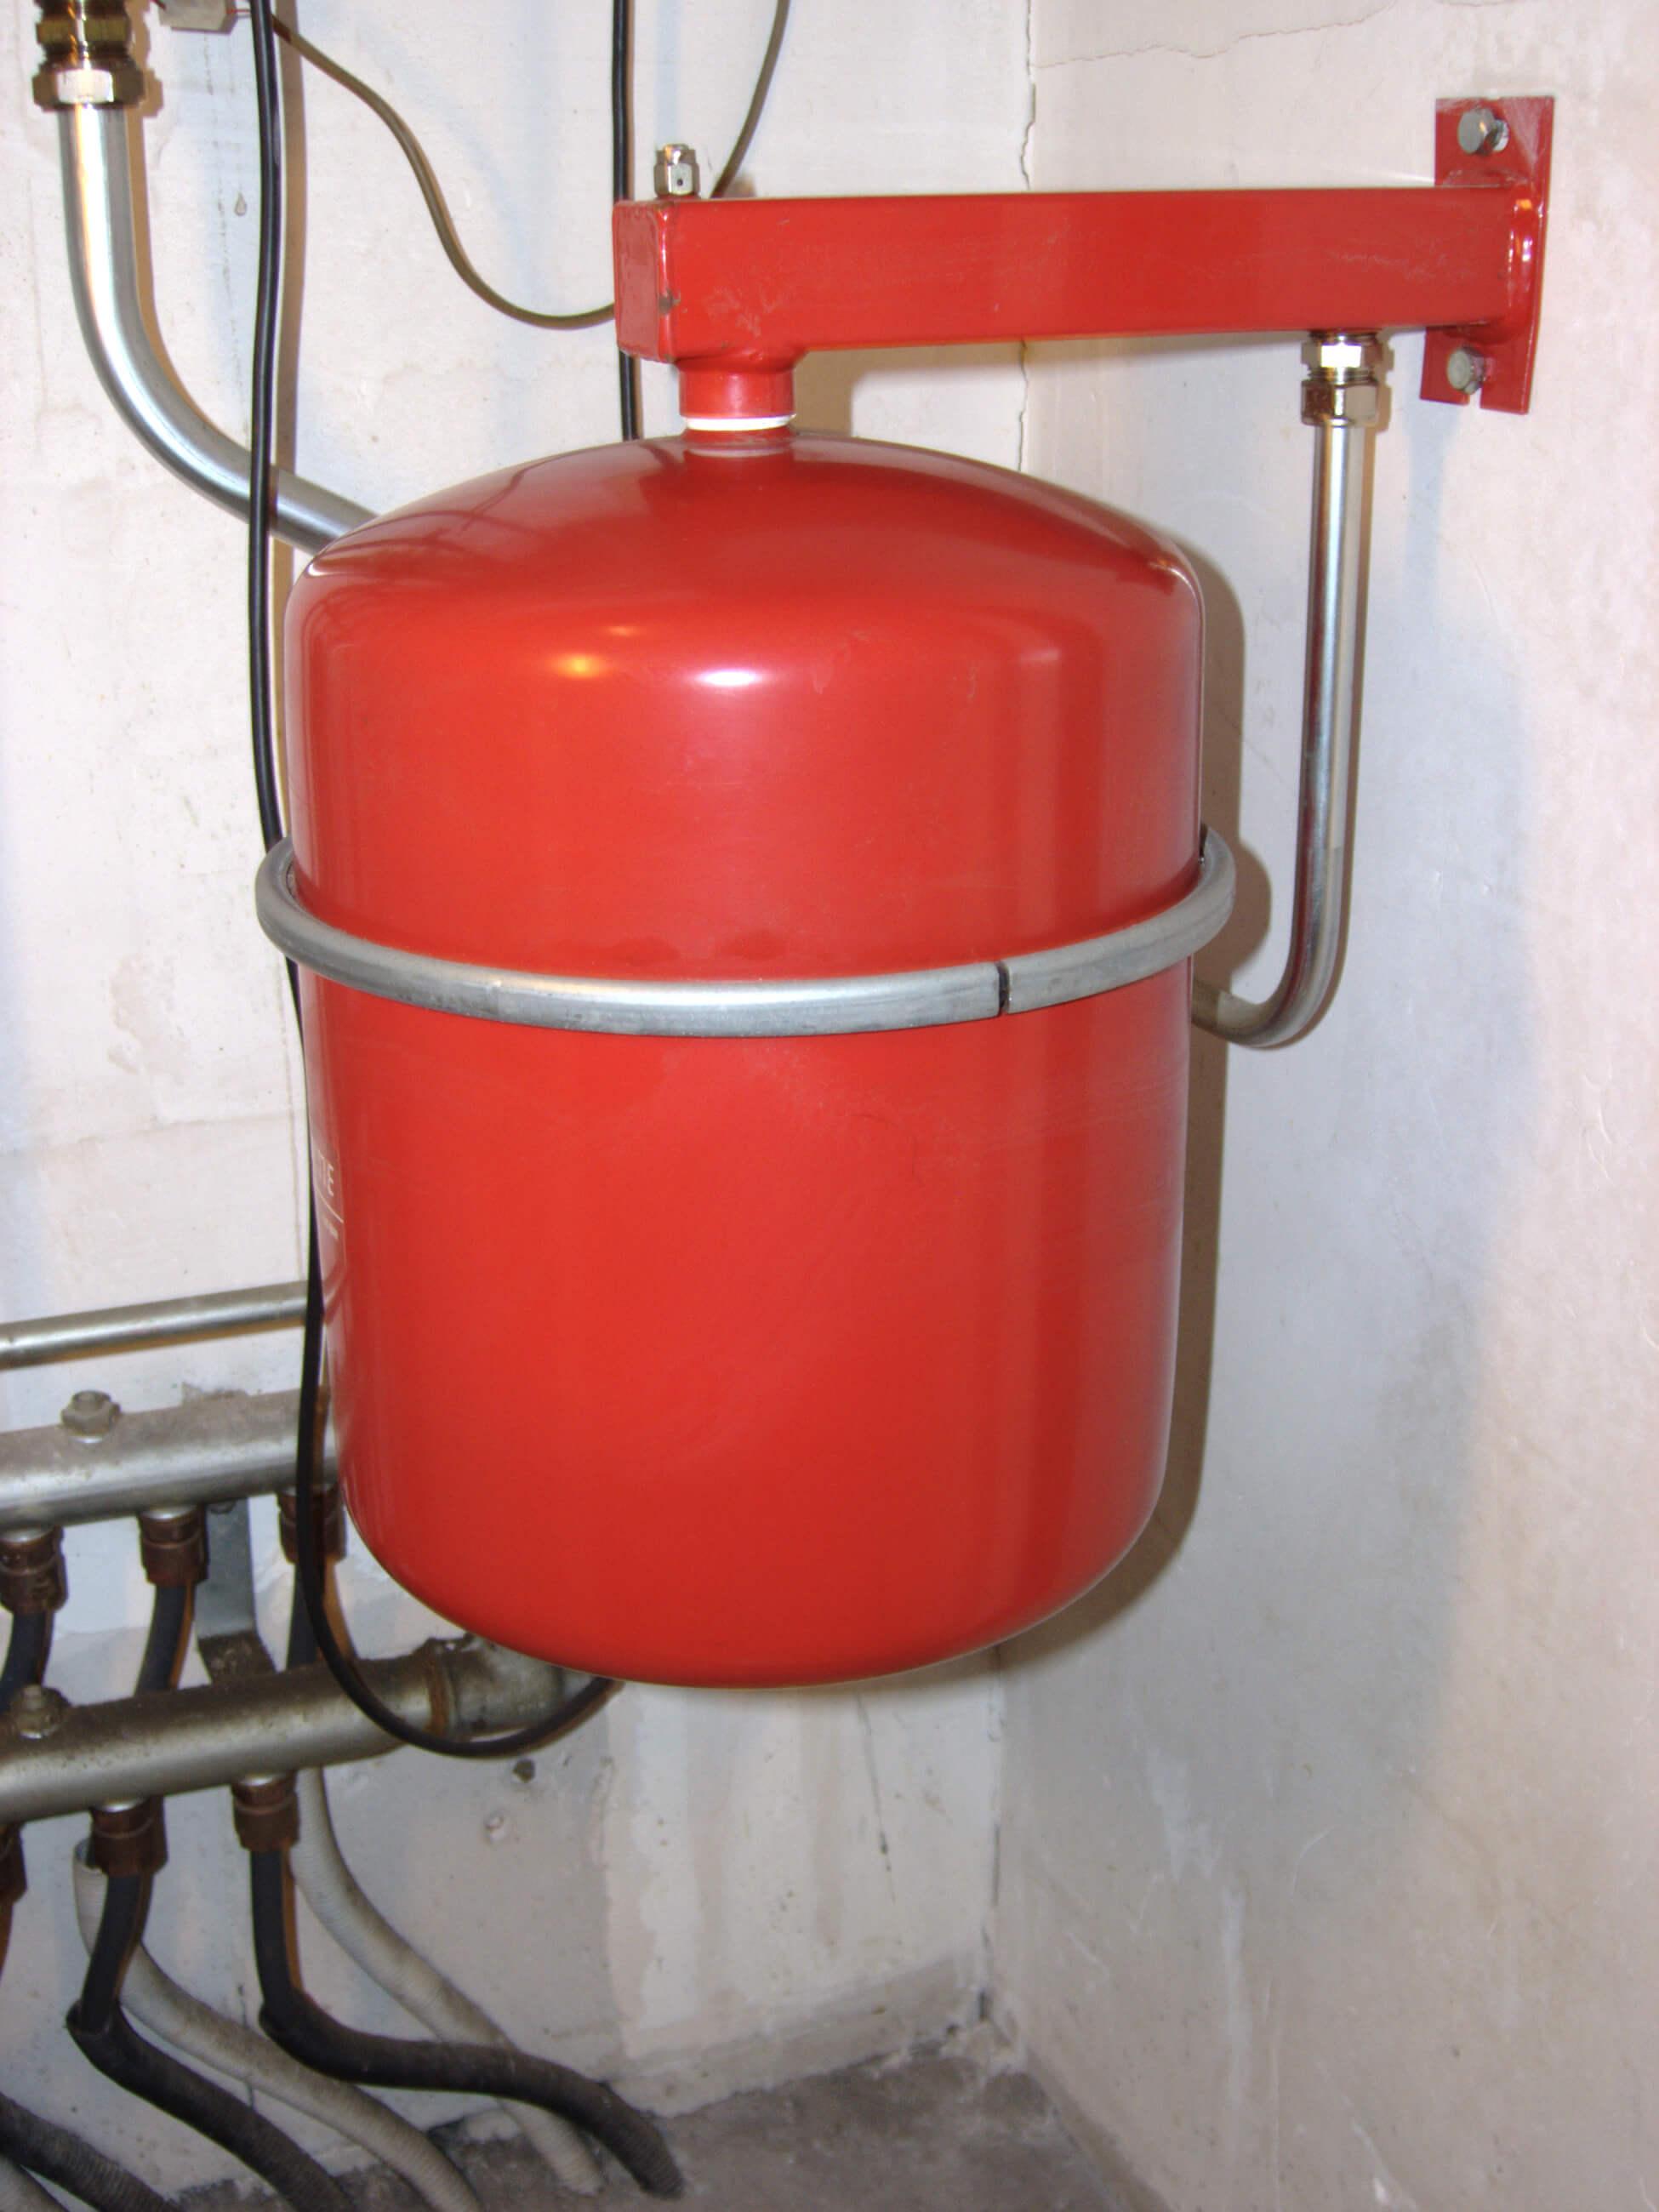 Bekend Cv-ketel storing - Eerste hulp bij storing   Warmgarant JW07